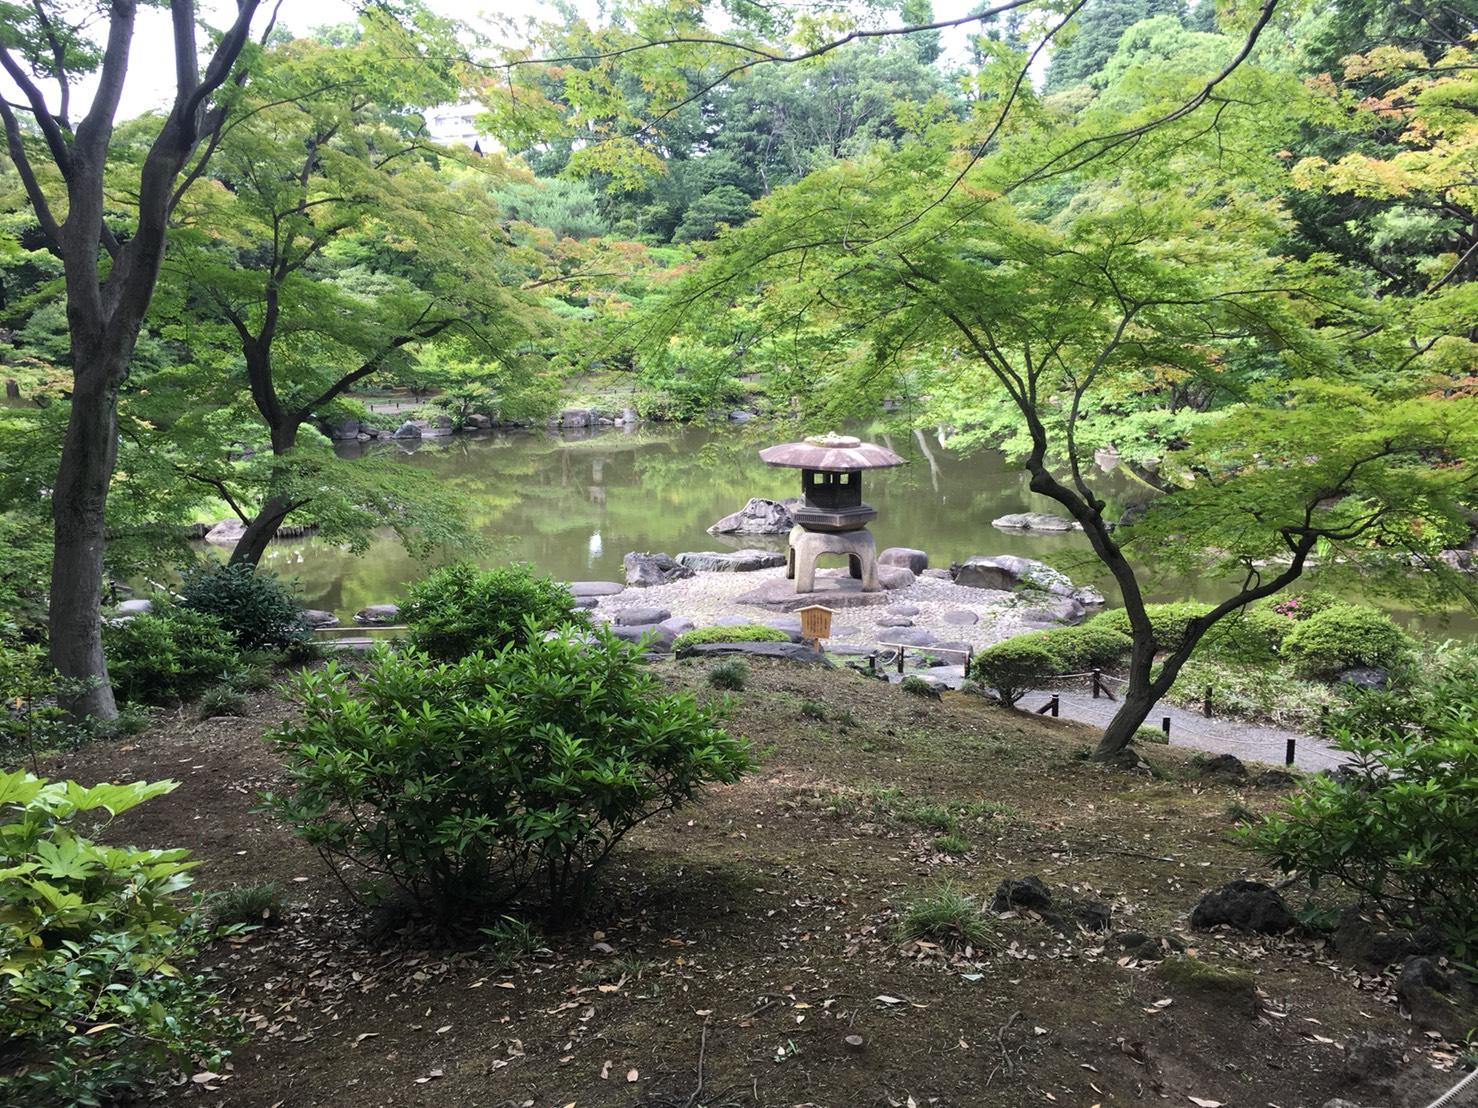 【上中里駅】バラが咲き誇る日英が混ざる庭園「旧古河庭園」の和庭園5